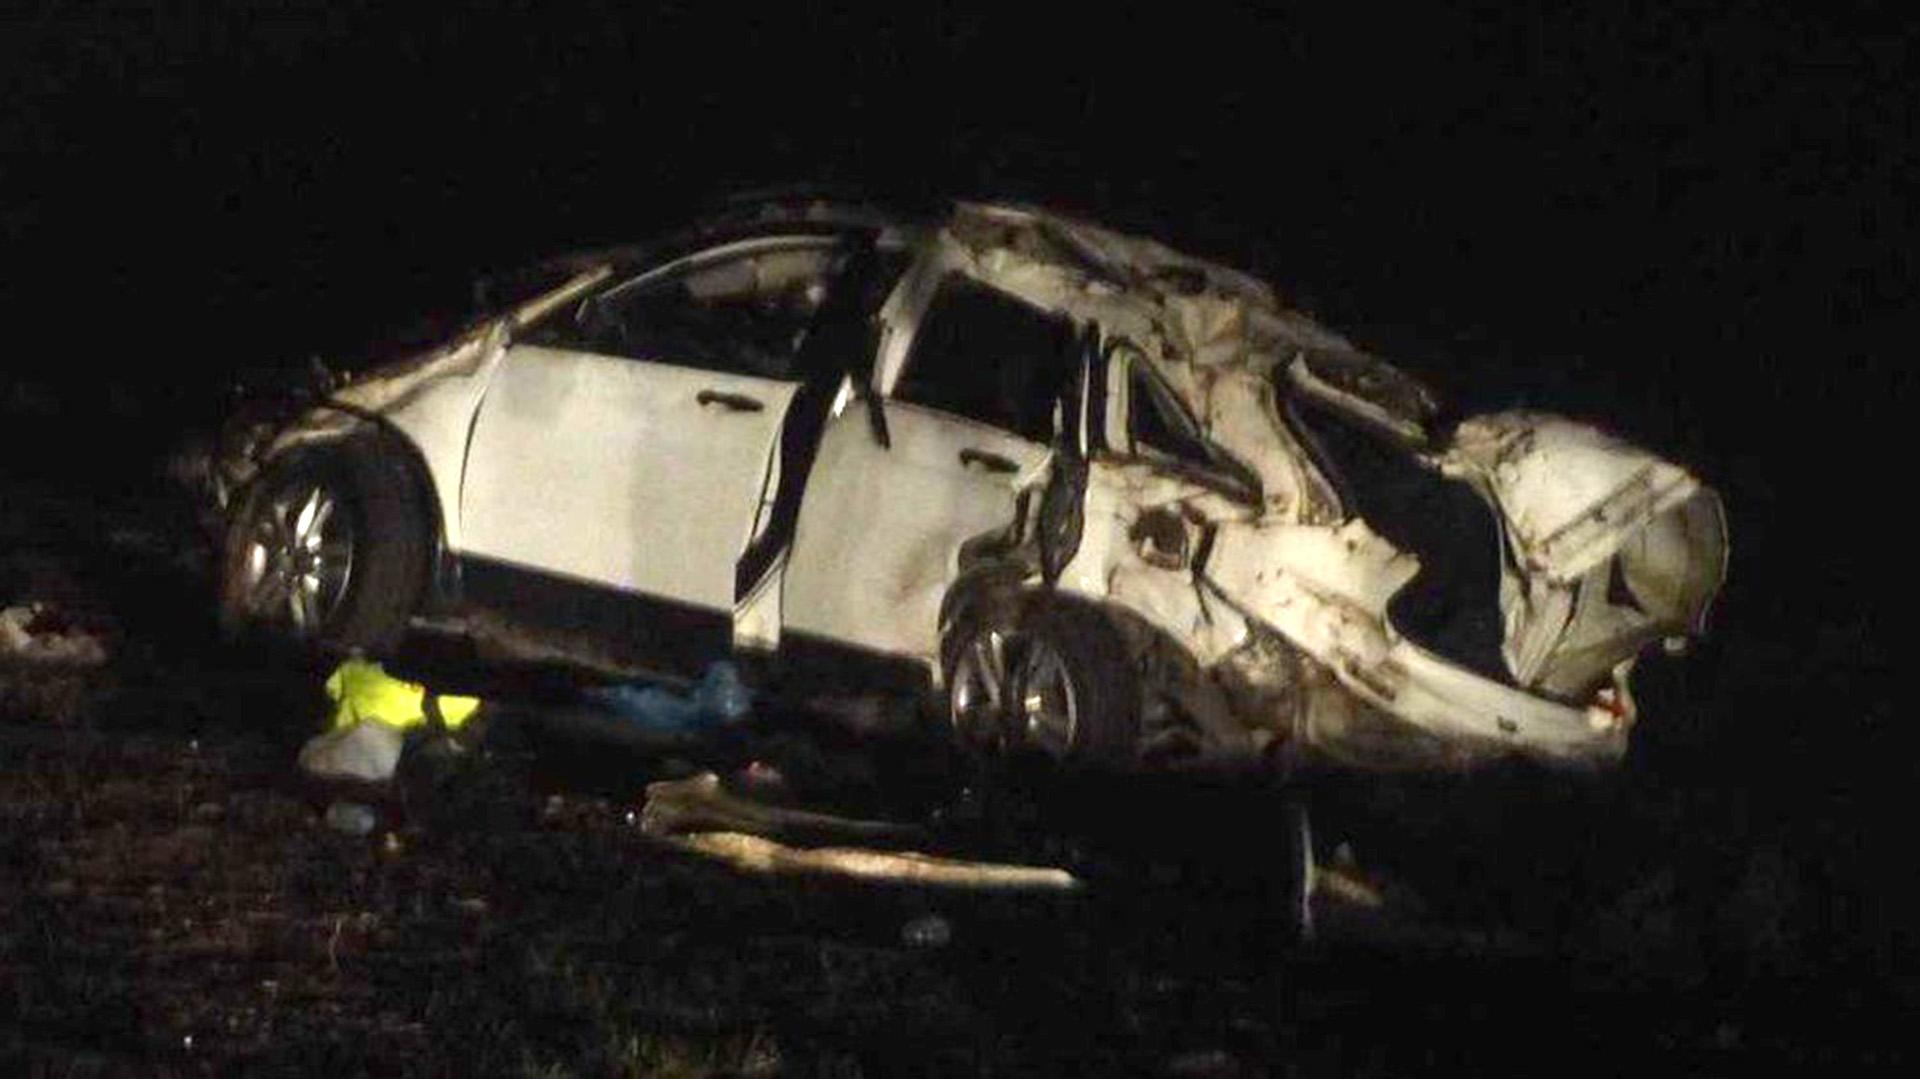 Resultado de imagen para Grave accidente de El Pepo: volcó con su camioneta y murieron dos acompañantes